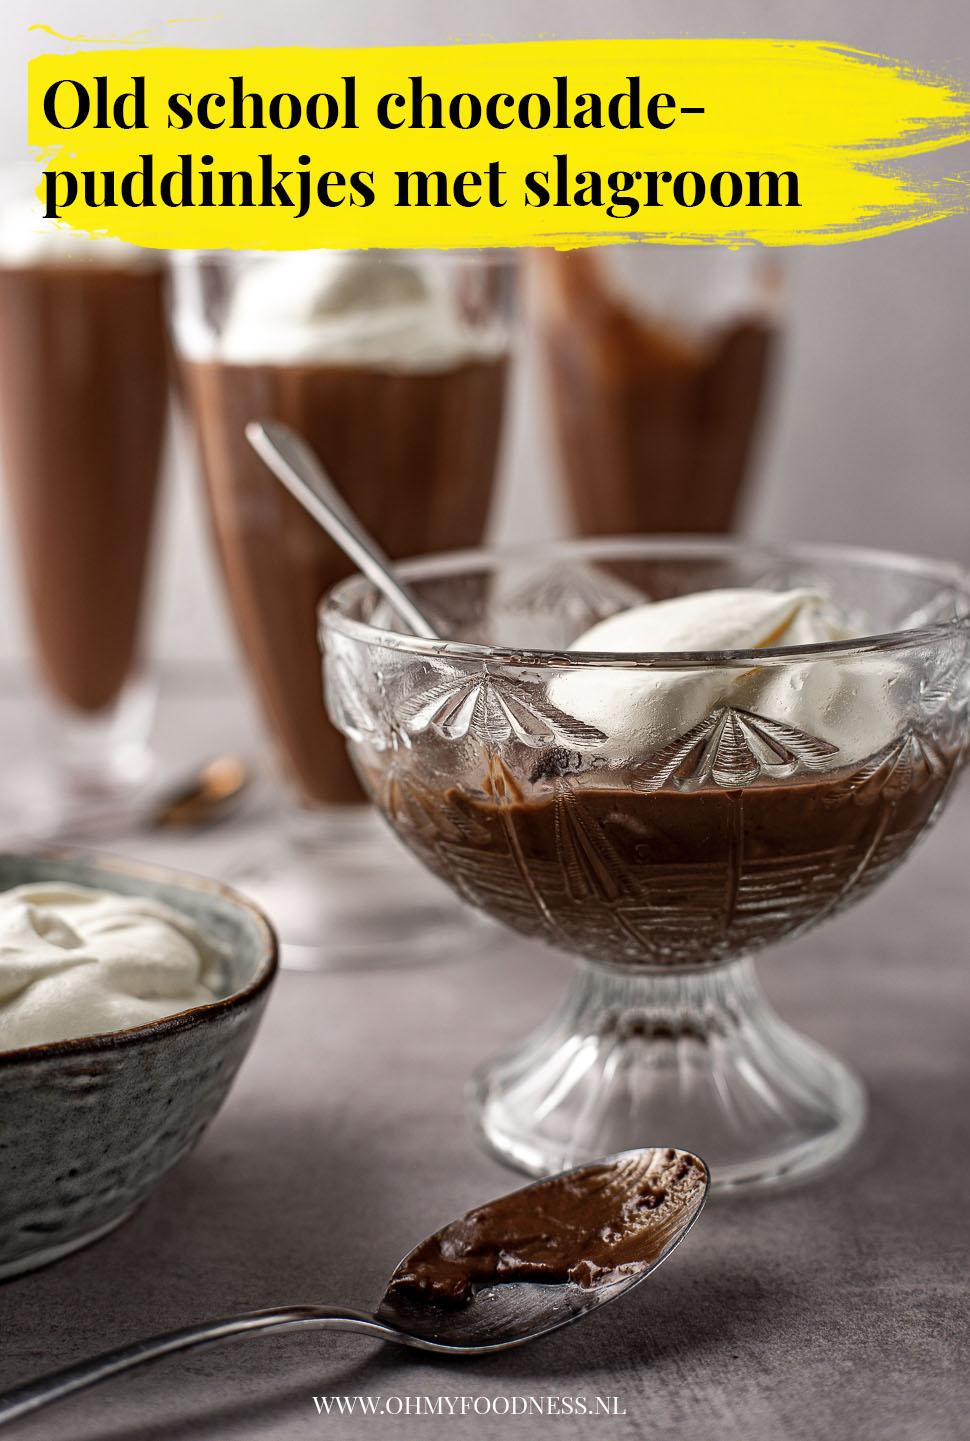 Old school chocoladepuddinkjes met slagroom